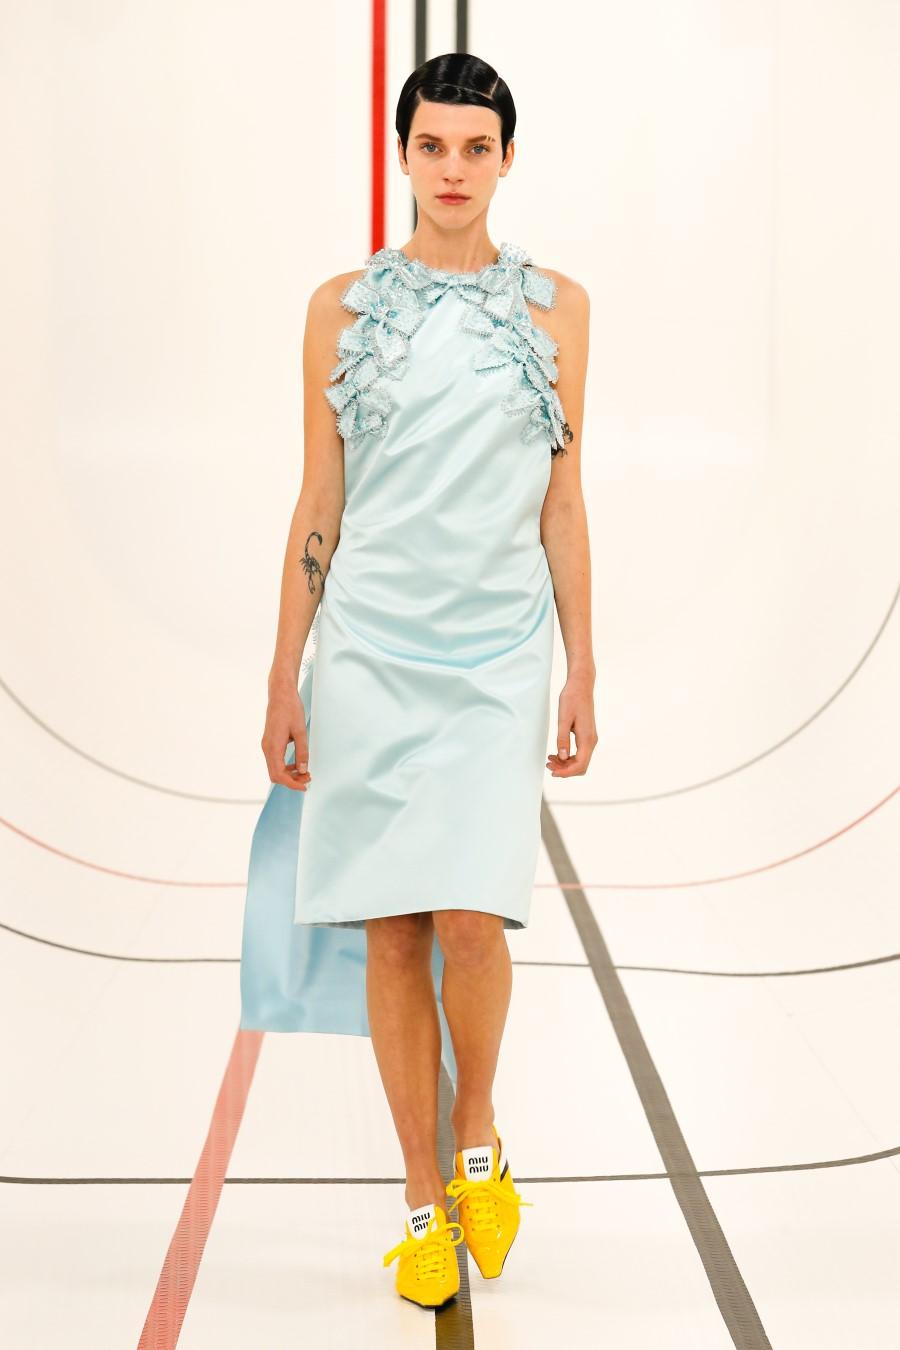 Miu Miu - Spring Summer 2021 - Paris Fashion Week